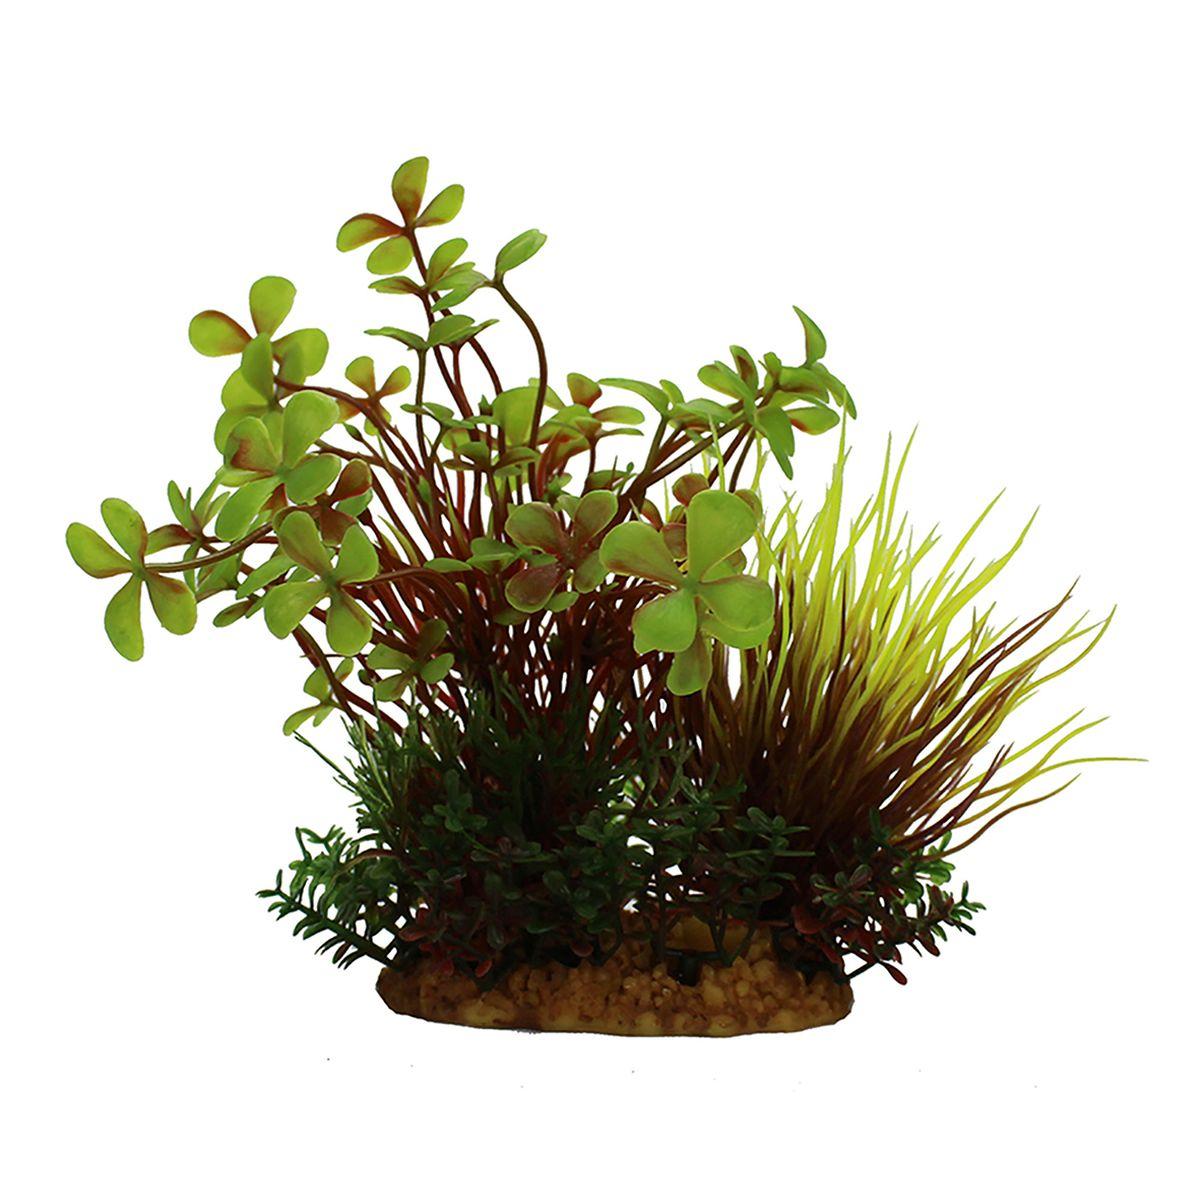 Растение для аквариума ArtUniq Марсилия, высота 15 см0120710Композиция из искусственных растений ArtUniq превосходно украсит и оживит аквариум.Растения - это важная часть любой композиции, они помогут вдохнуть жизнь в ландшафт любого аквариума или террариума. Лучше всего это сделают яркие и сочные цвета искусственных растений серии ArtPlants. А их сходствос природными порадует даже самых взыскательных ценителей.